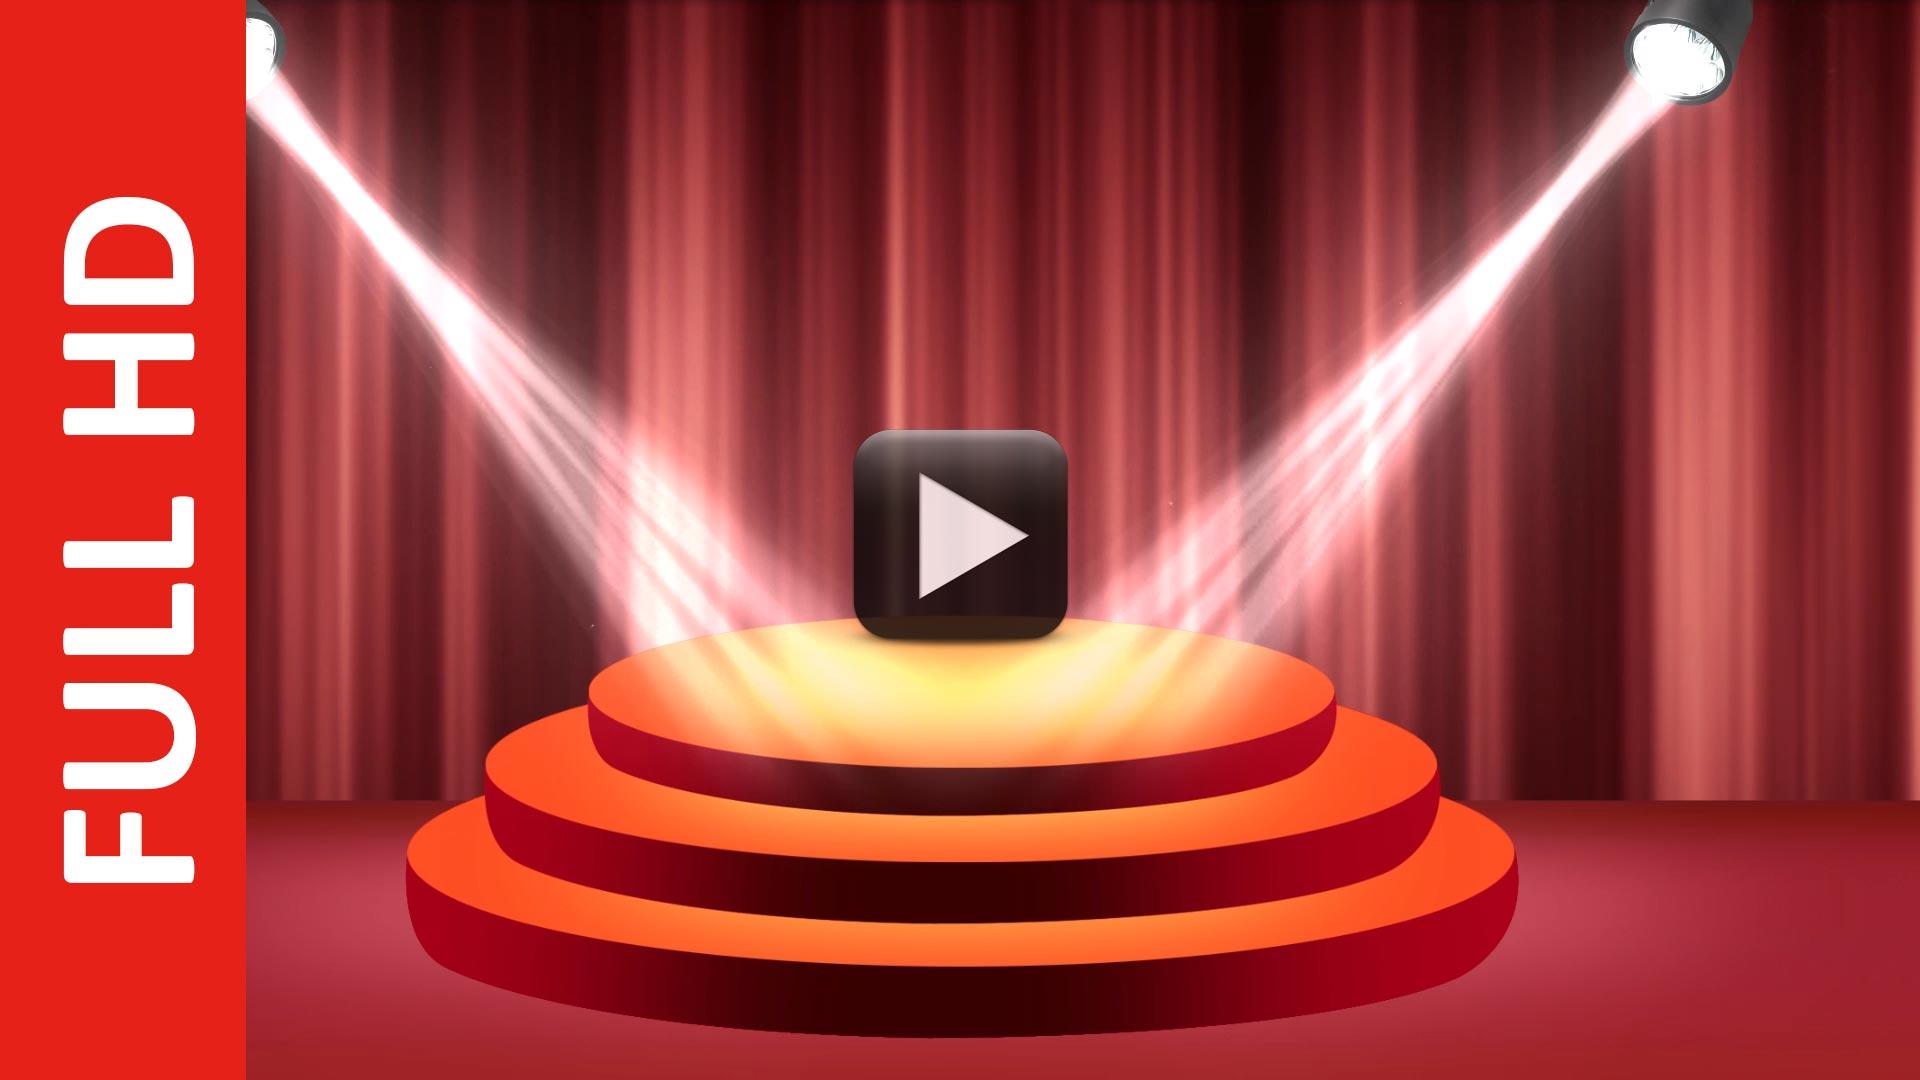 Realistic Round Stage Podium with Elegant Lightning Blinking Animation